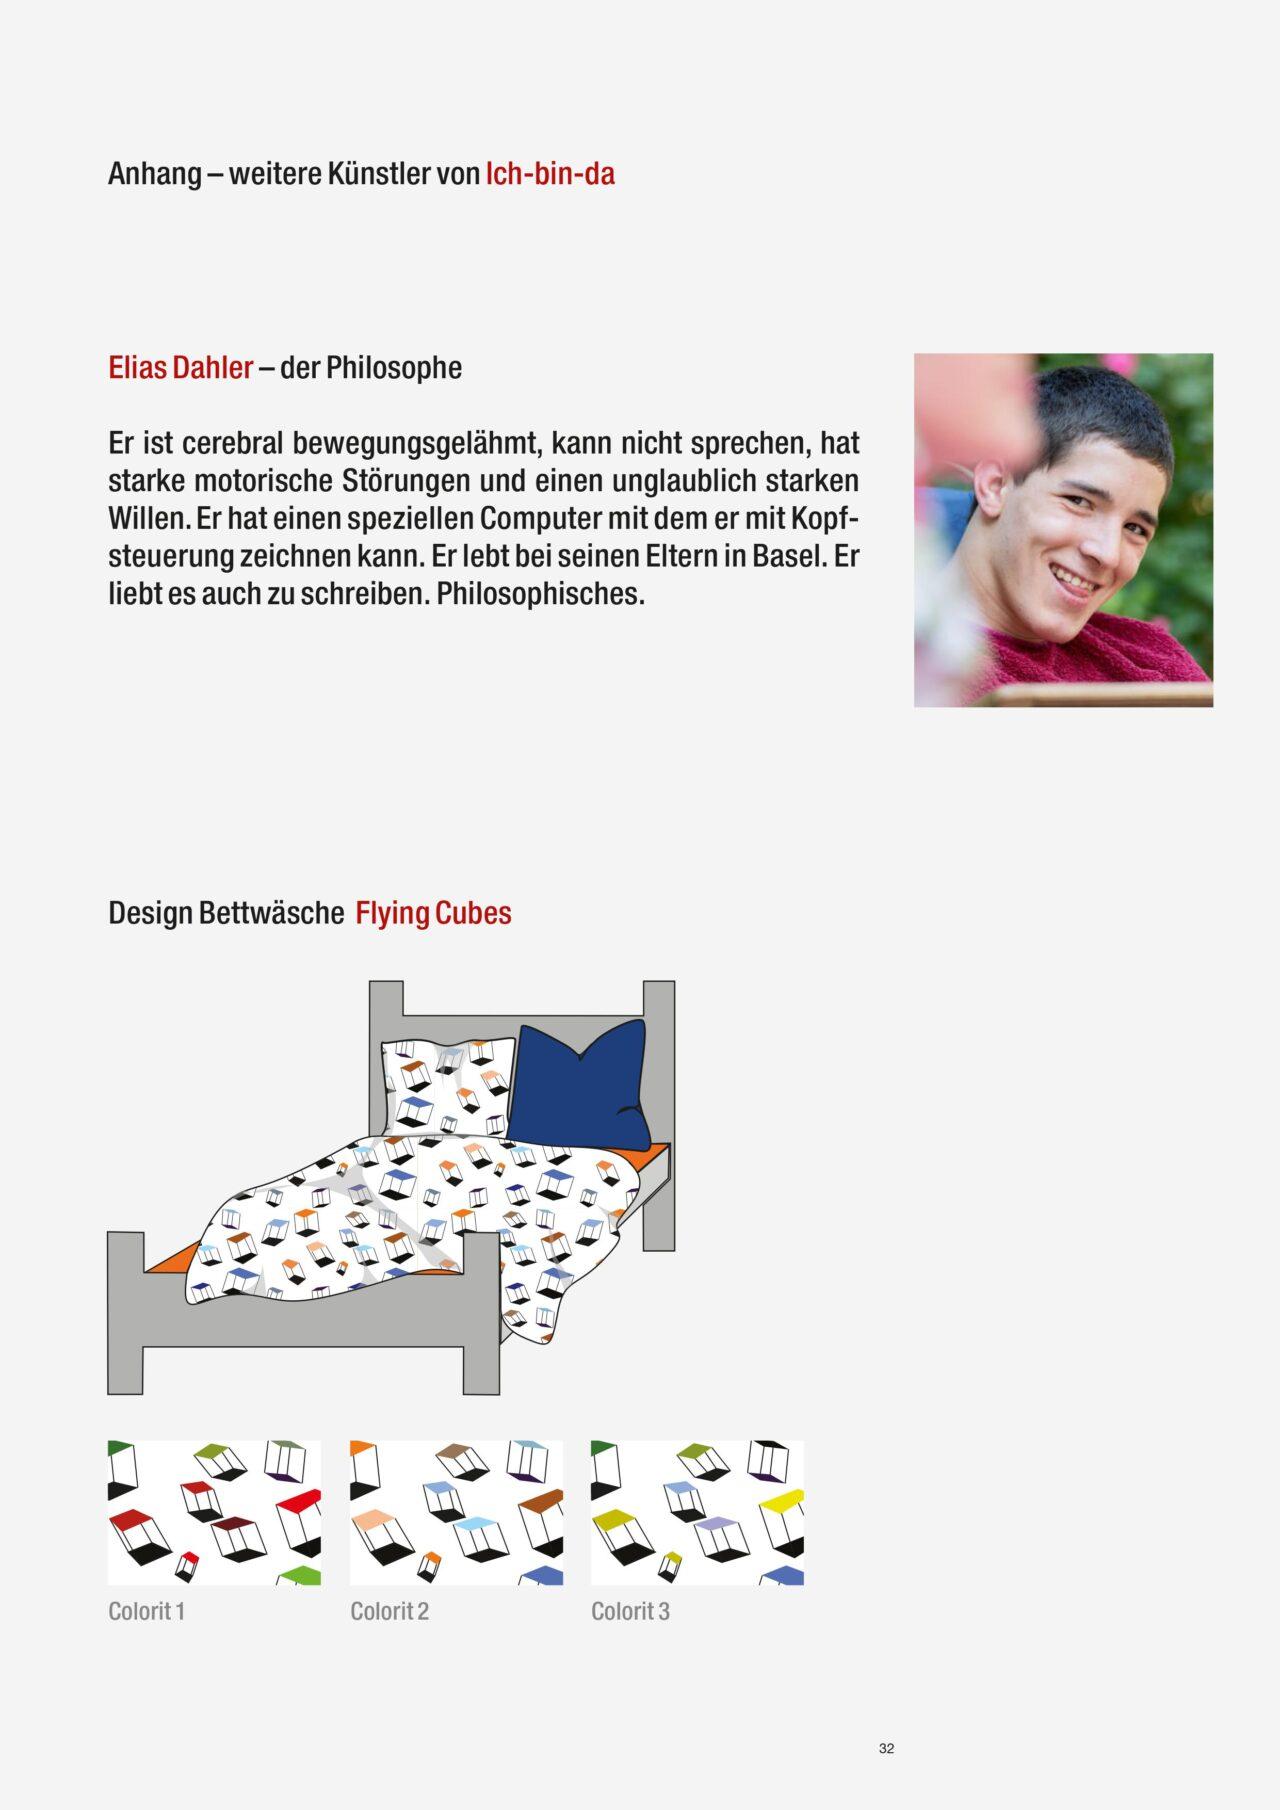 helena-kisling-textildesign-menschen-mit-behinderungen-kunst-art-brut-basel-schweiz